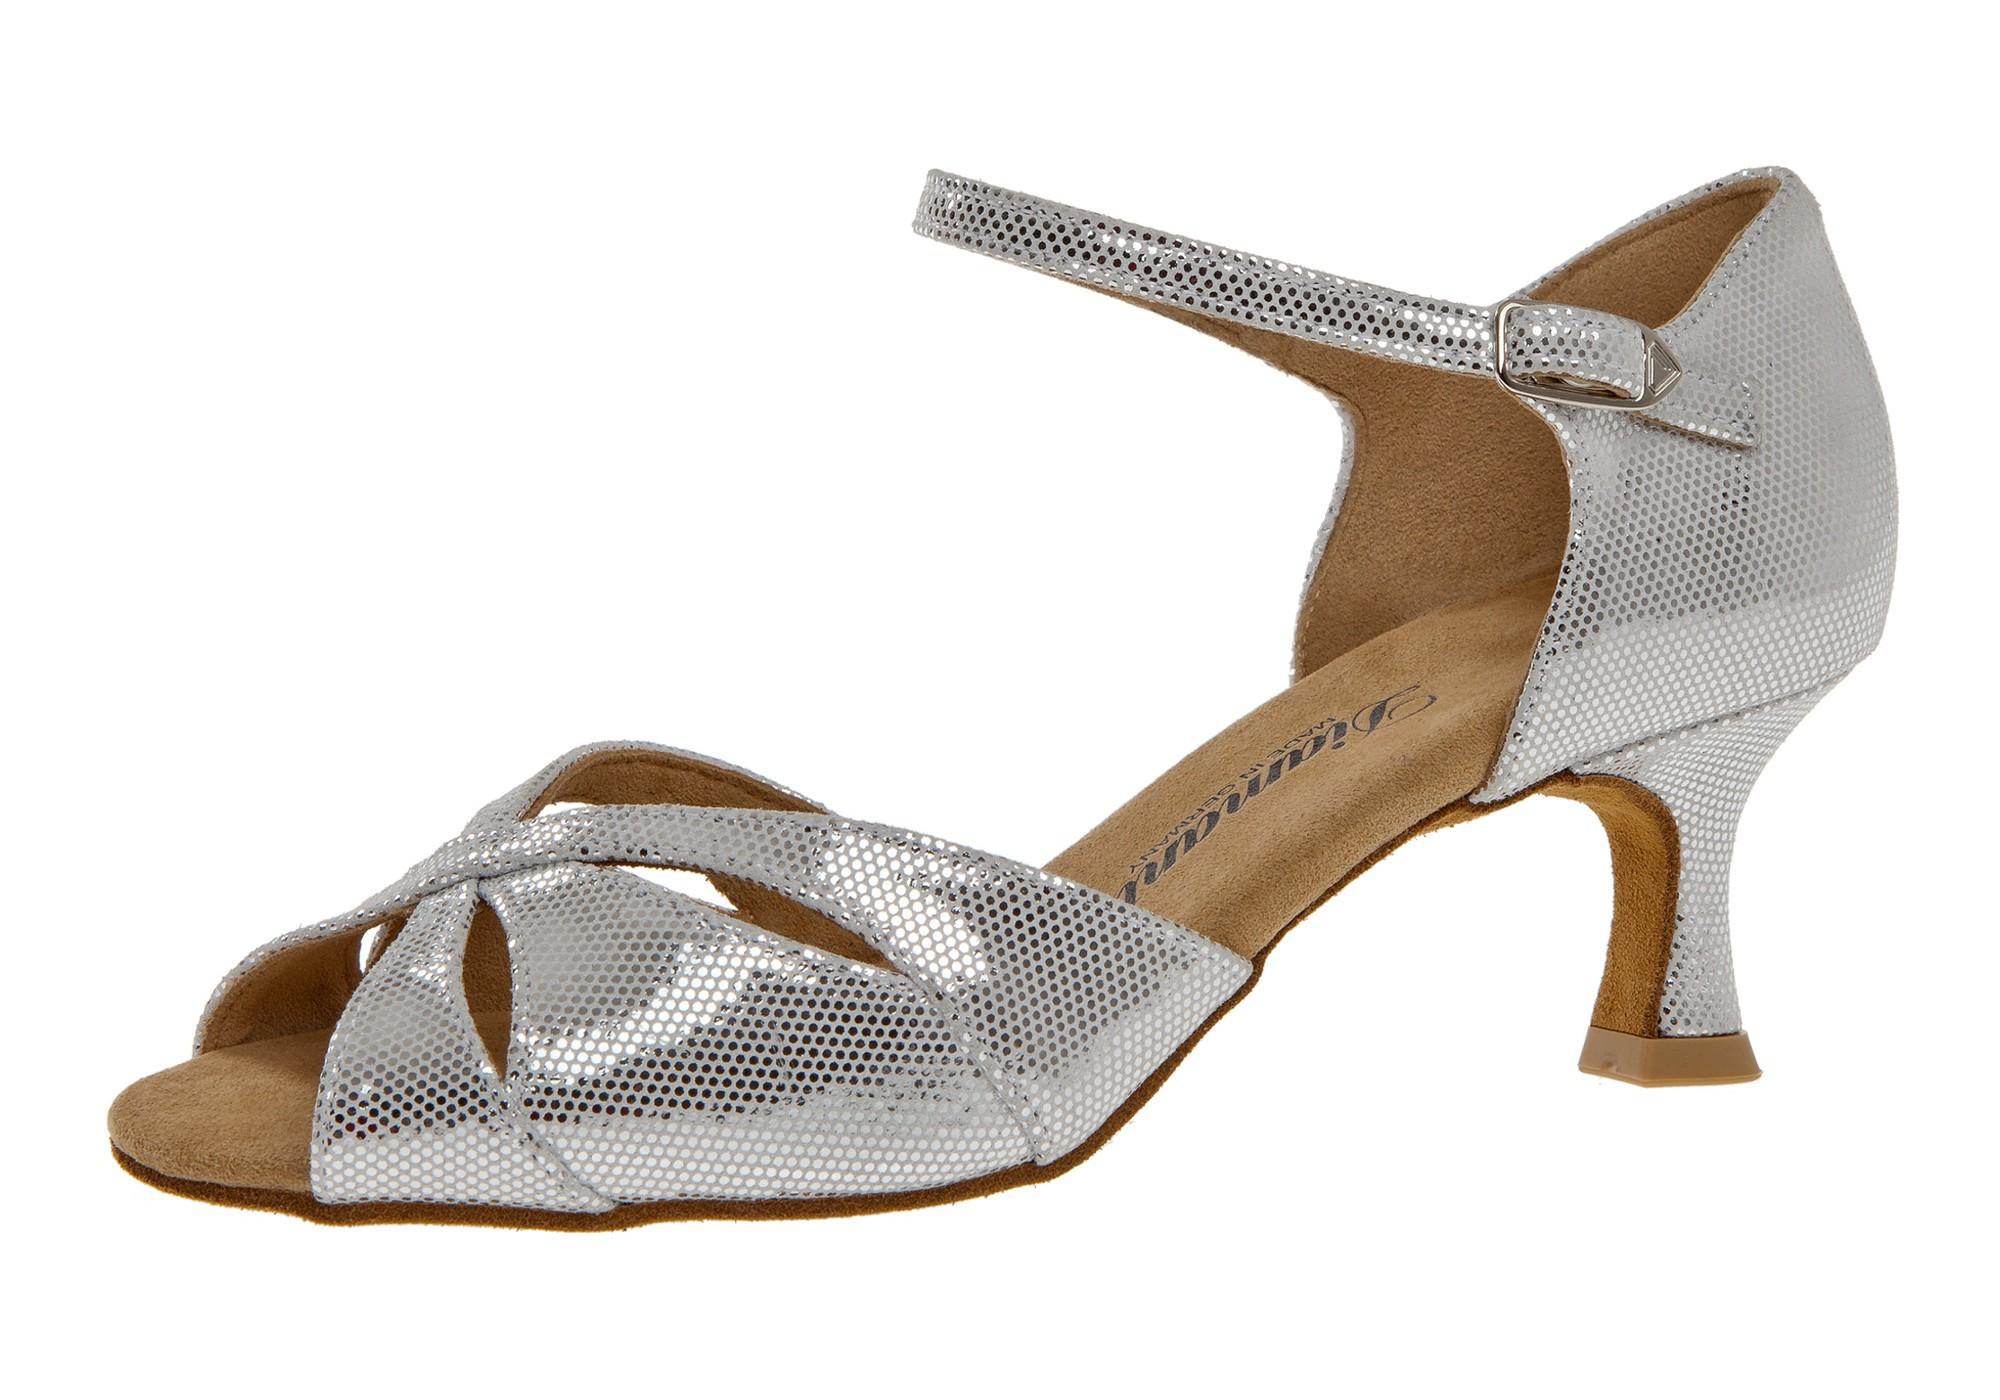 Diamant Damen Tanzschuh Latein 144-077-246 weiß-silber Puntino Leder